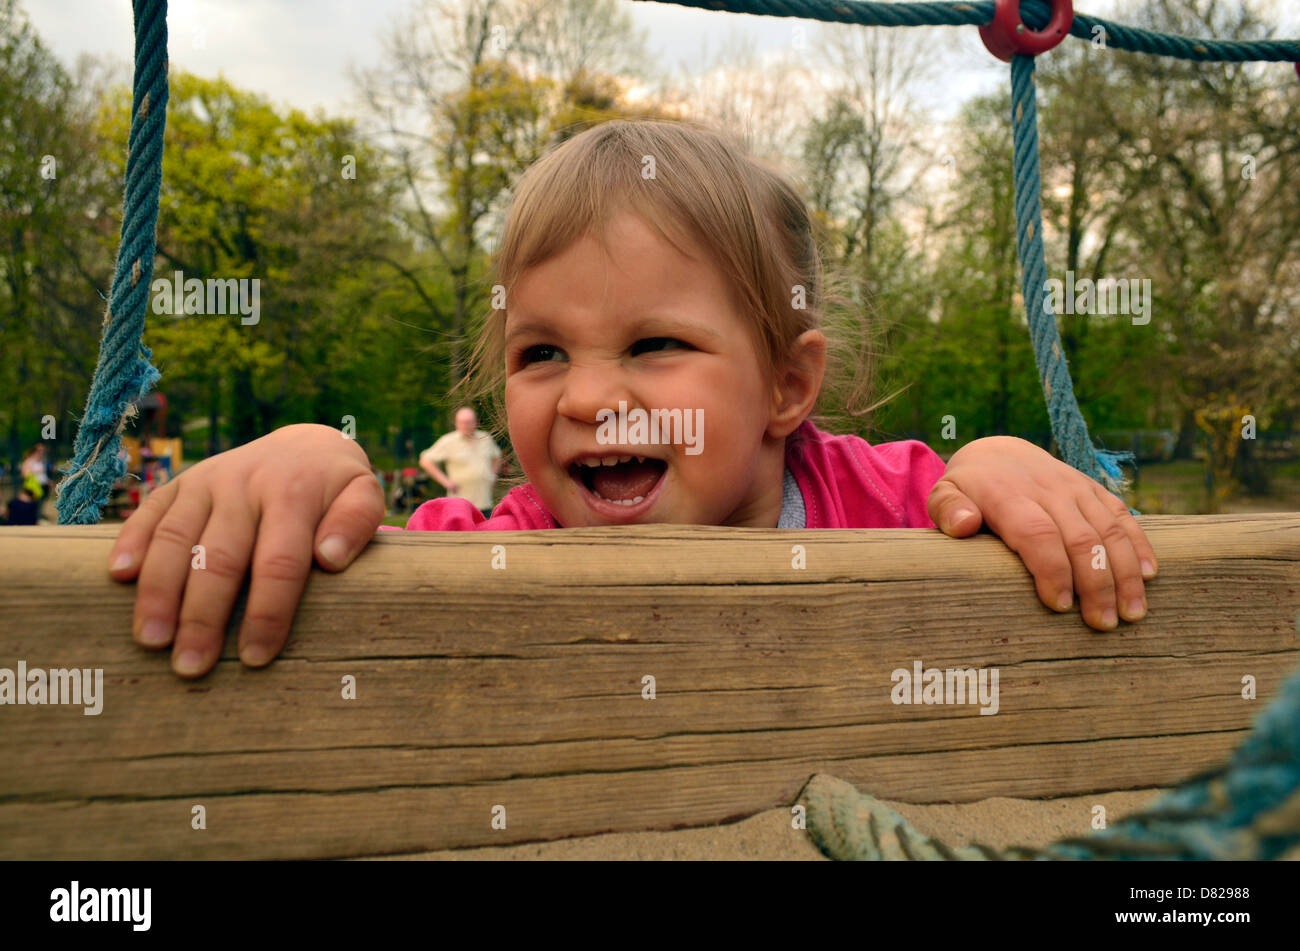 Klettergerüst Für 2 Jährige : Jahre altes mädchen klettern auf klettergerüst am spielplatz